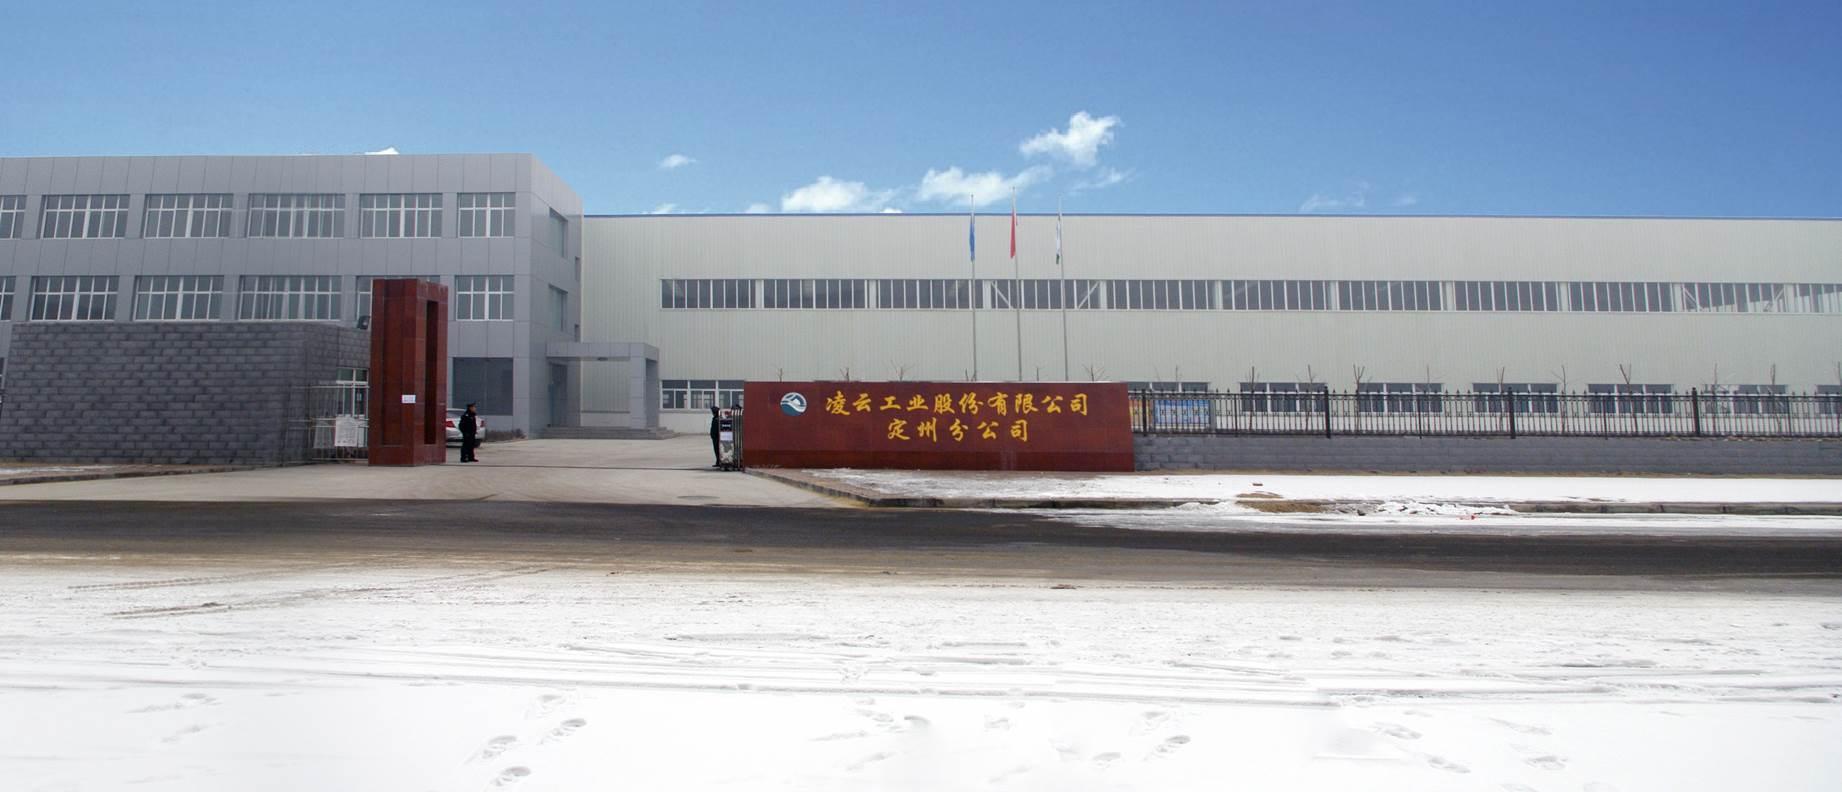 凌云工业股份有限公司的发展历程答:1995年4月6日凌云汽车零部件有限